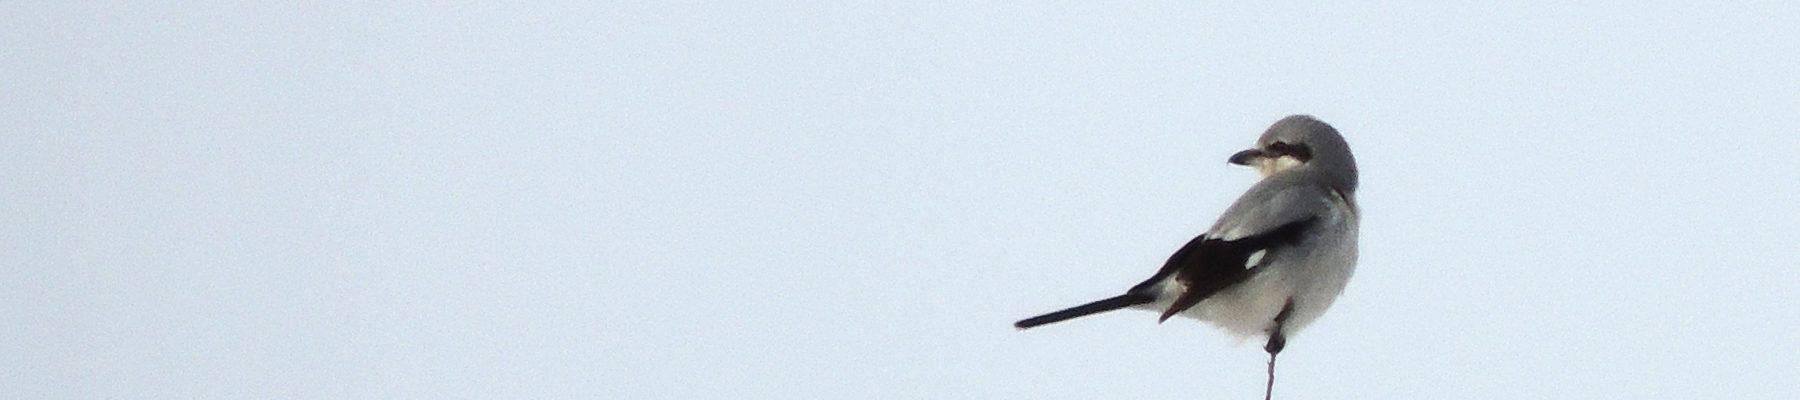 Wausau Bird Club